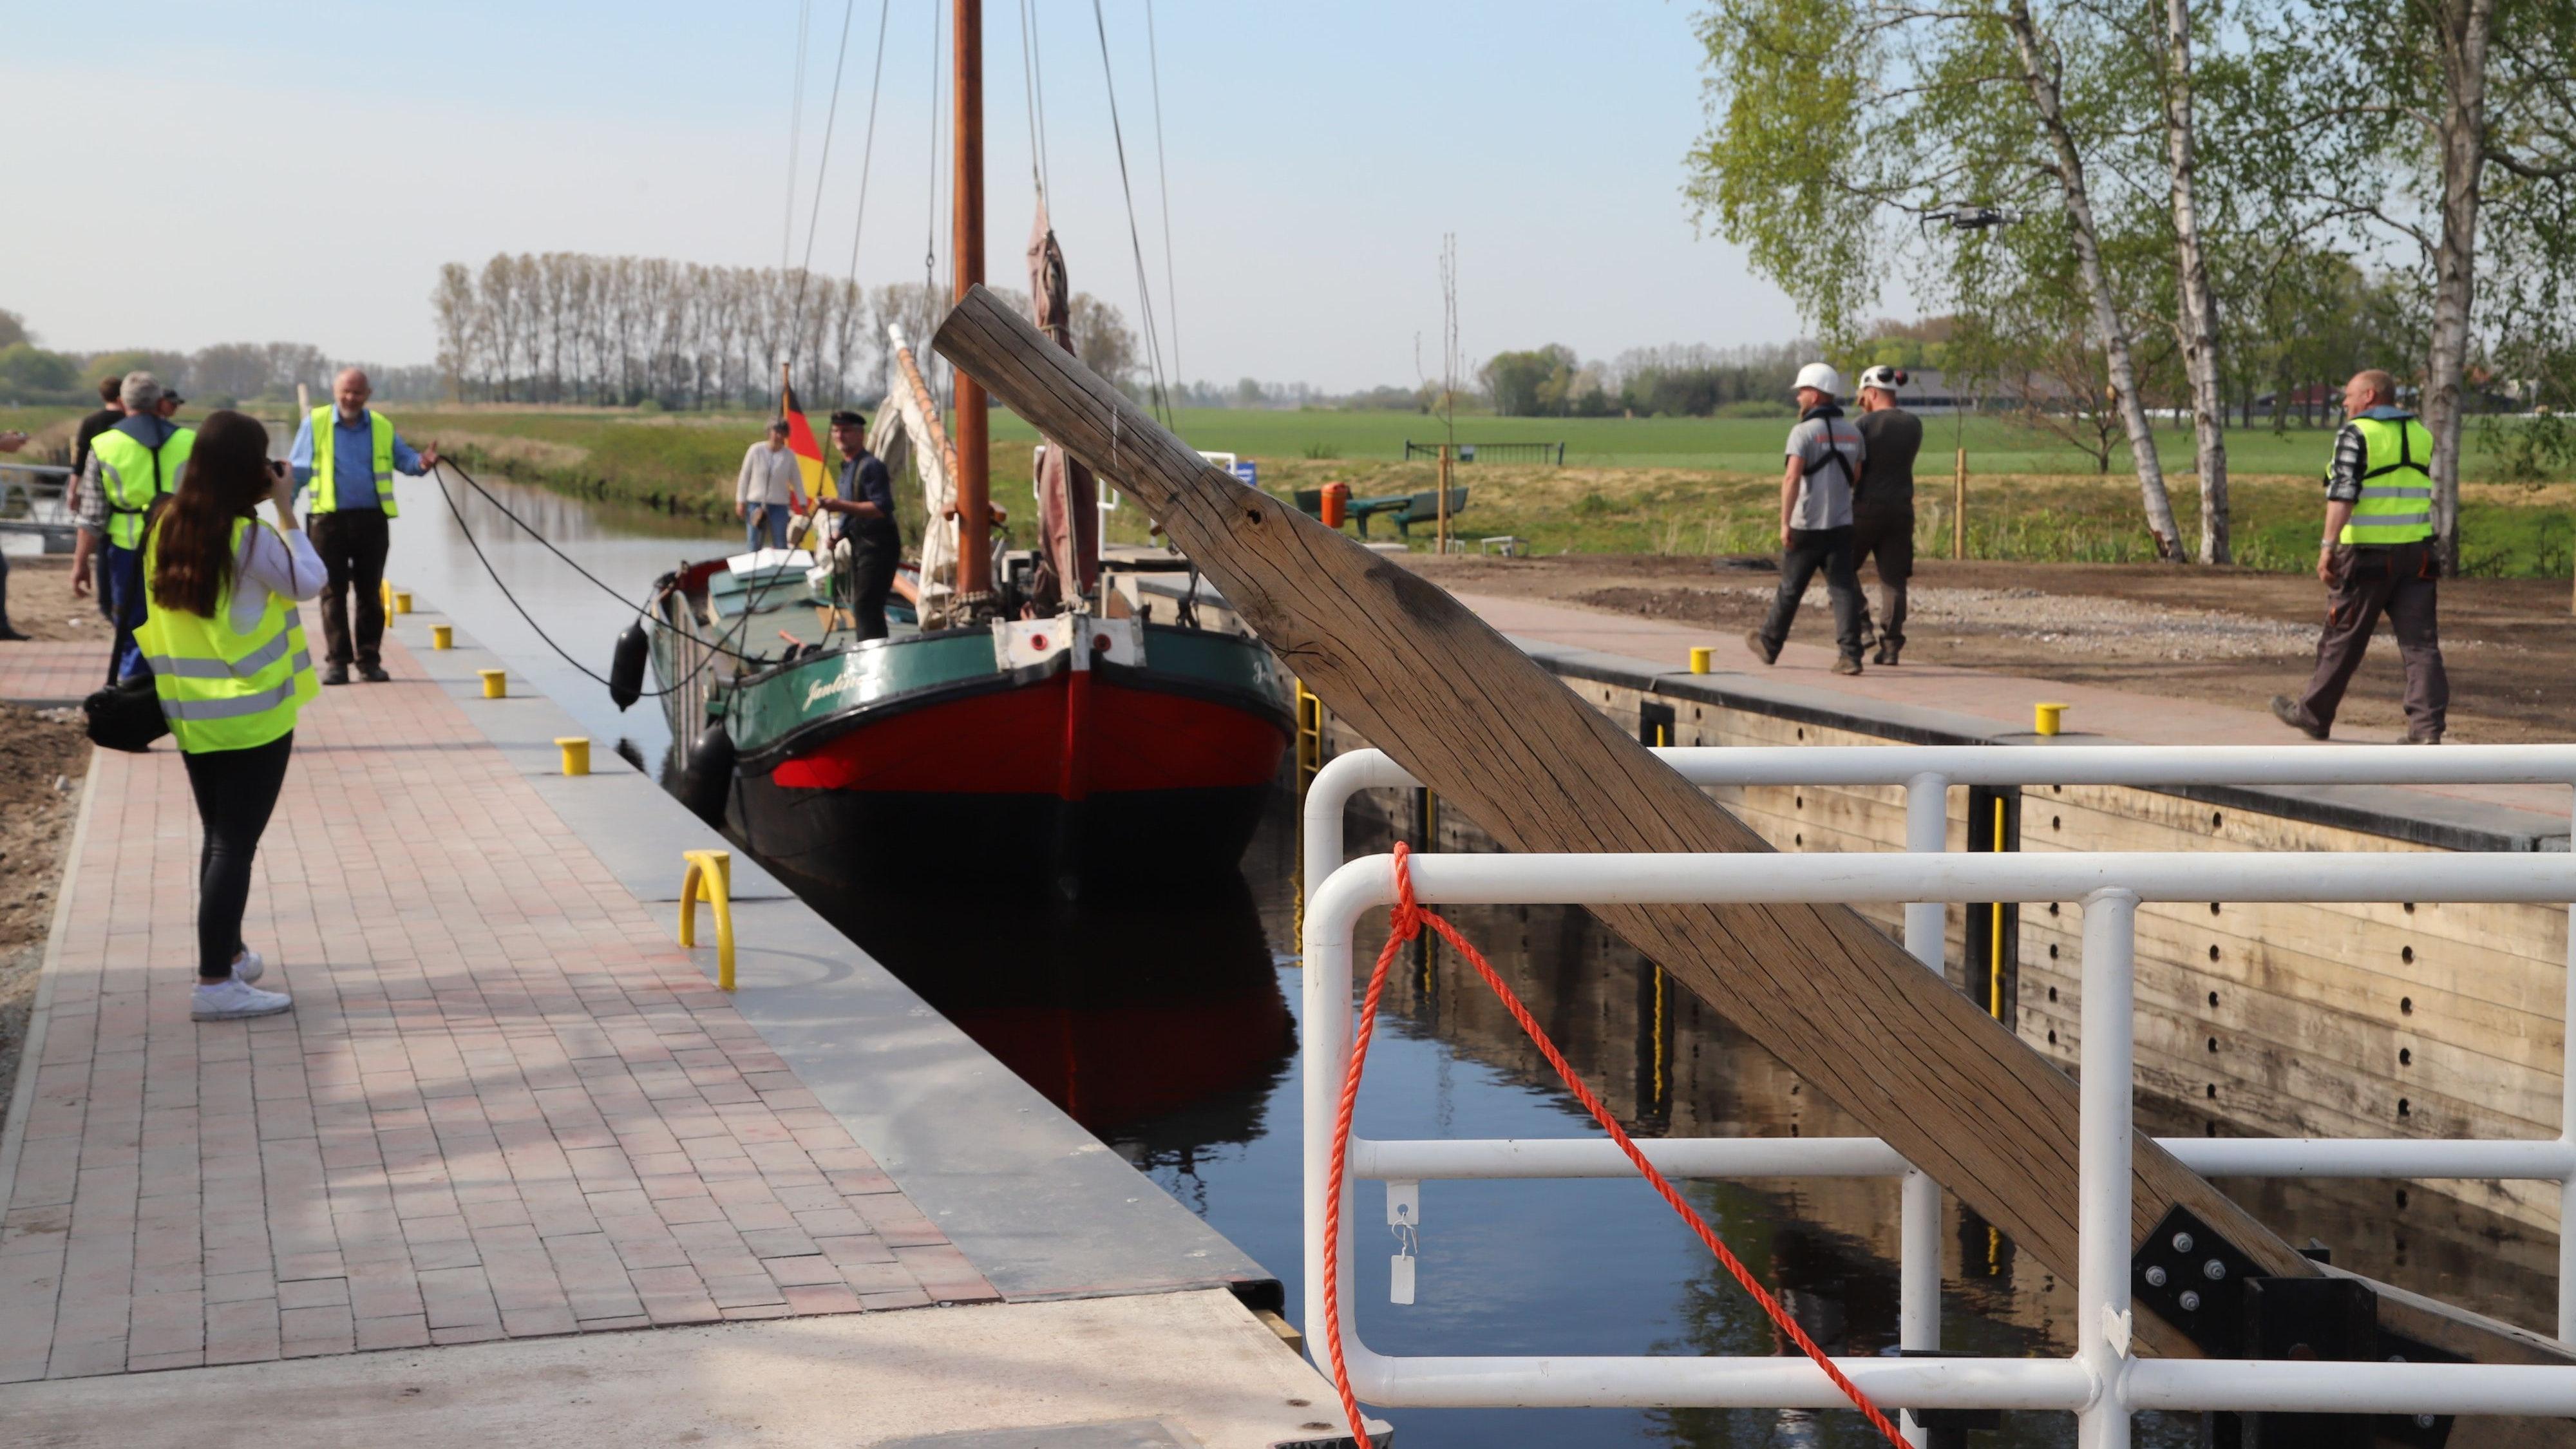 """Frei für die Schiffverkehr: Die """"echte"""" Schleuse """"Osterhausen"""". Ein 3 Meter großes Modell soll nun vor dem Moor- und Fehnmuseum in Elisabethfehn gebaut werden. Foto: Passmann"""